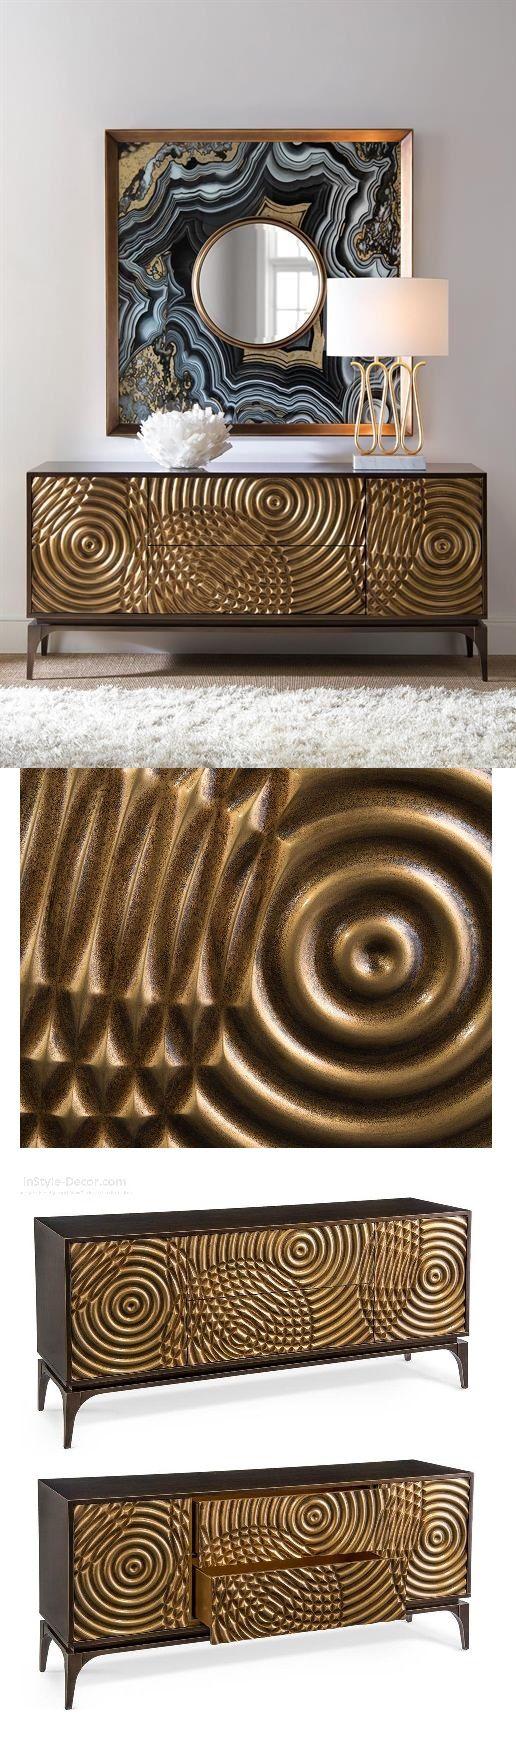 Wohndesign möbel messing sideboard wohndesign  wohnzimmer ideen  brabbu